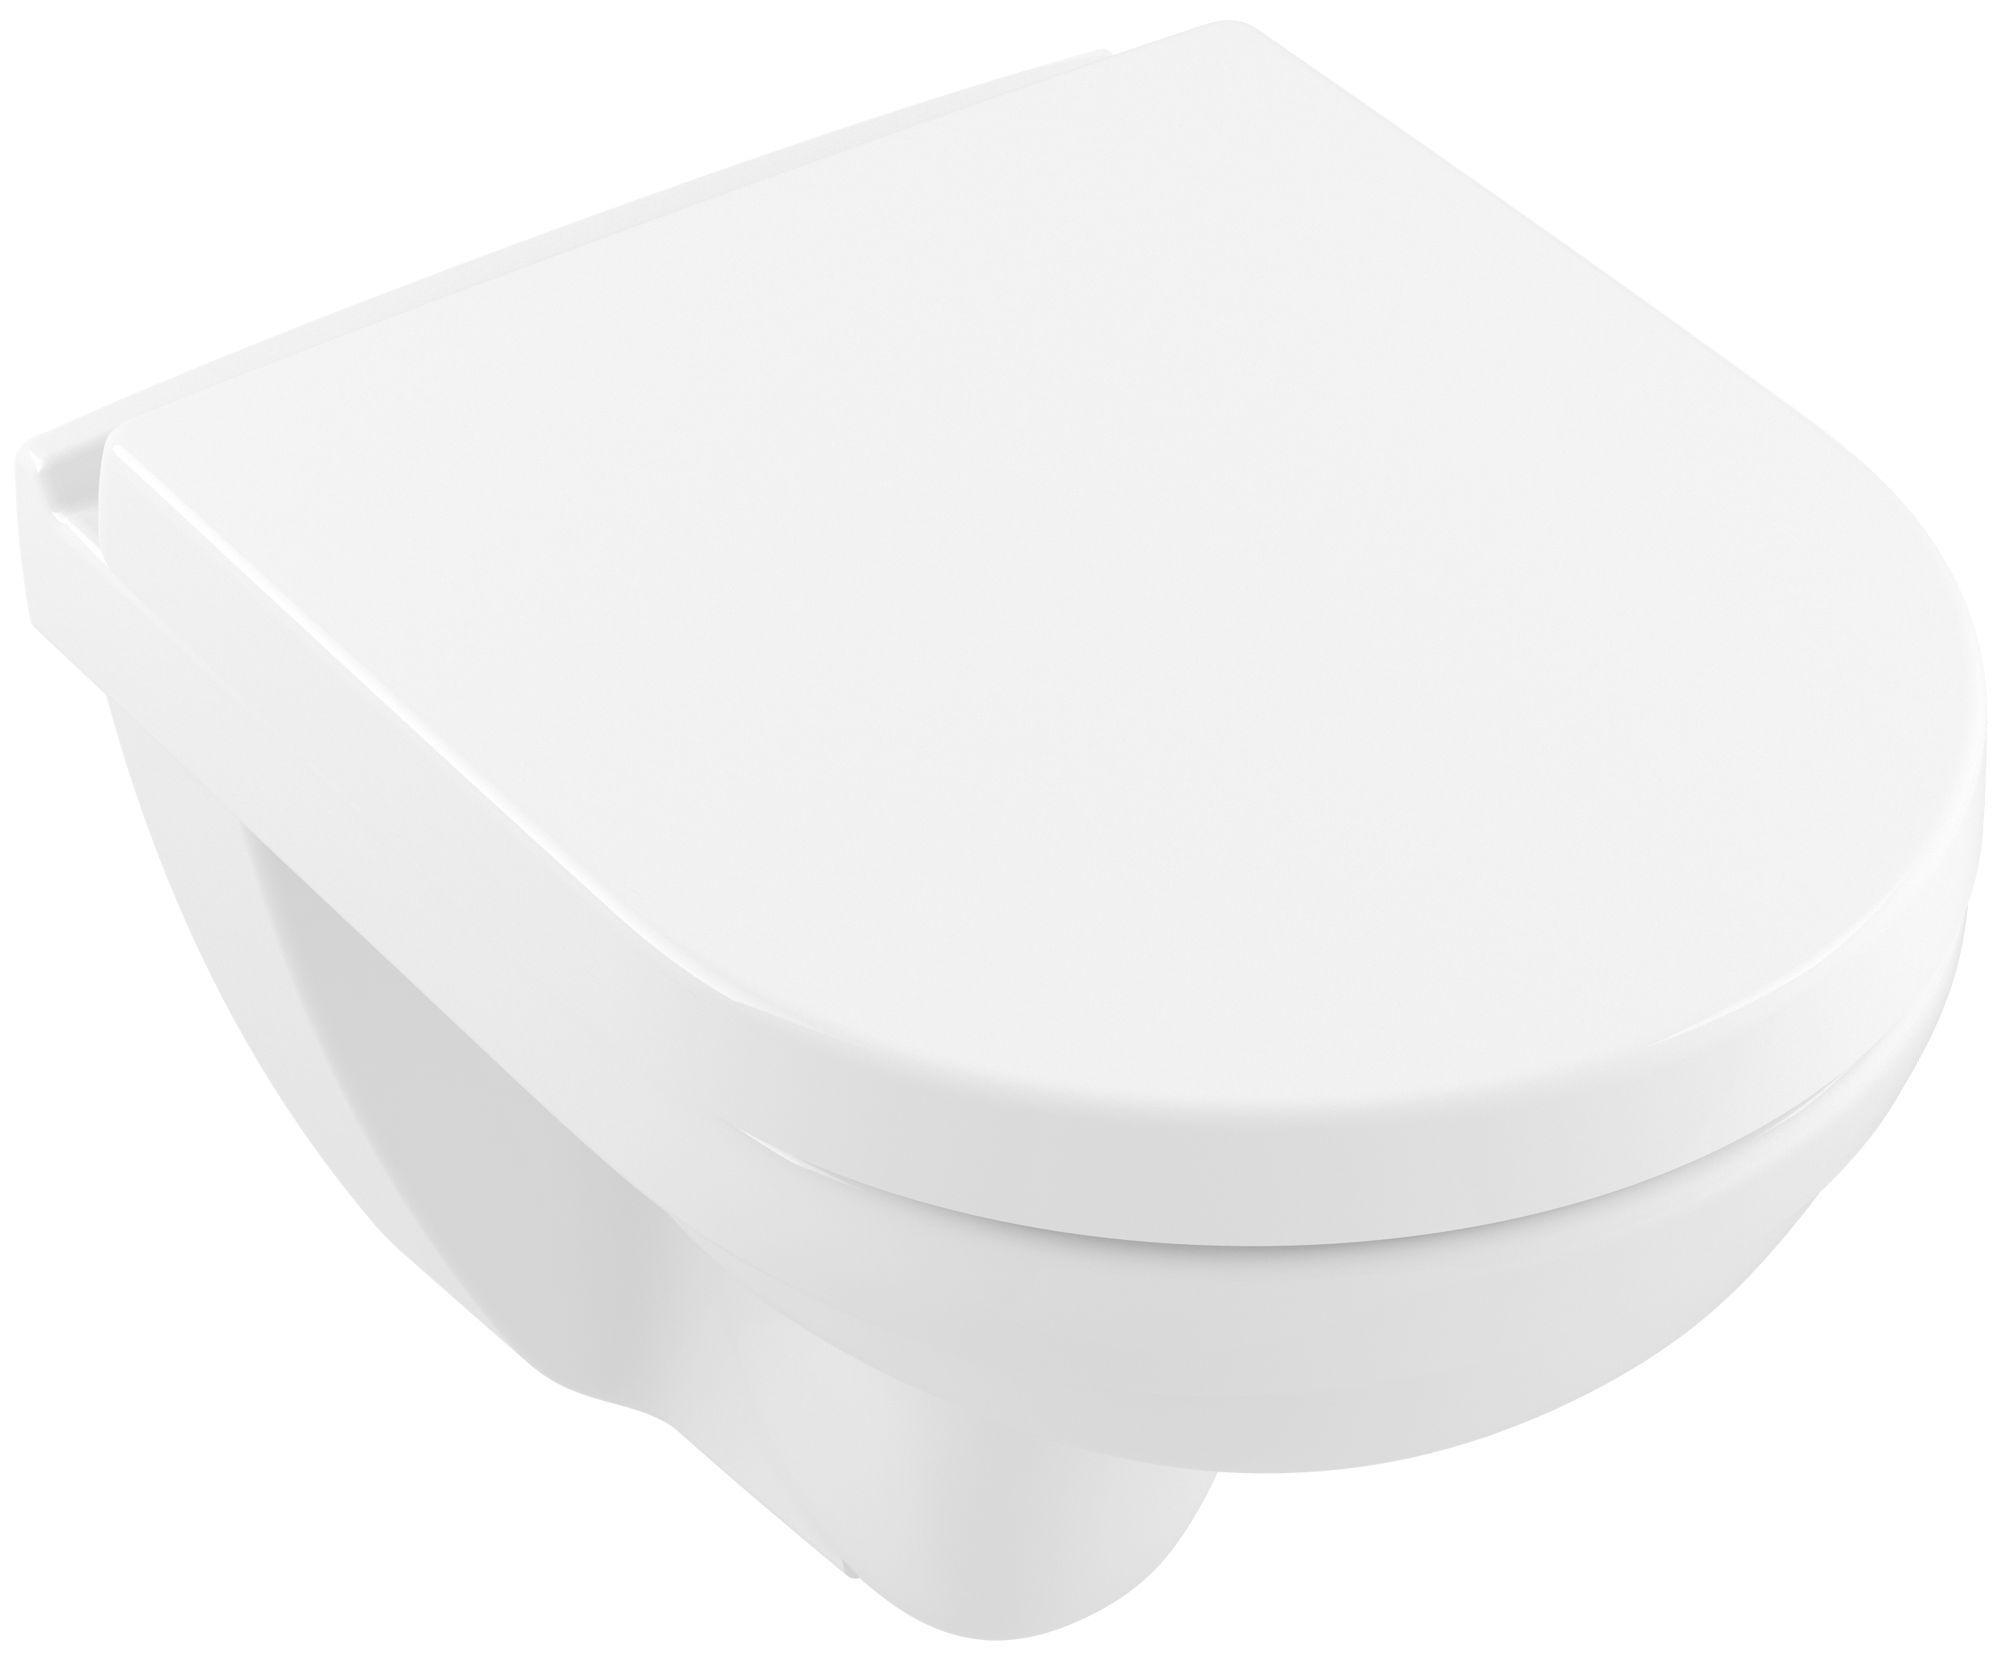 Villeroy & Boch O.novo Wand-WC-Set spülrandlos DirectFlush B:36xT:49cm weiß 5688HR01